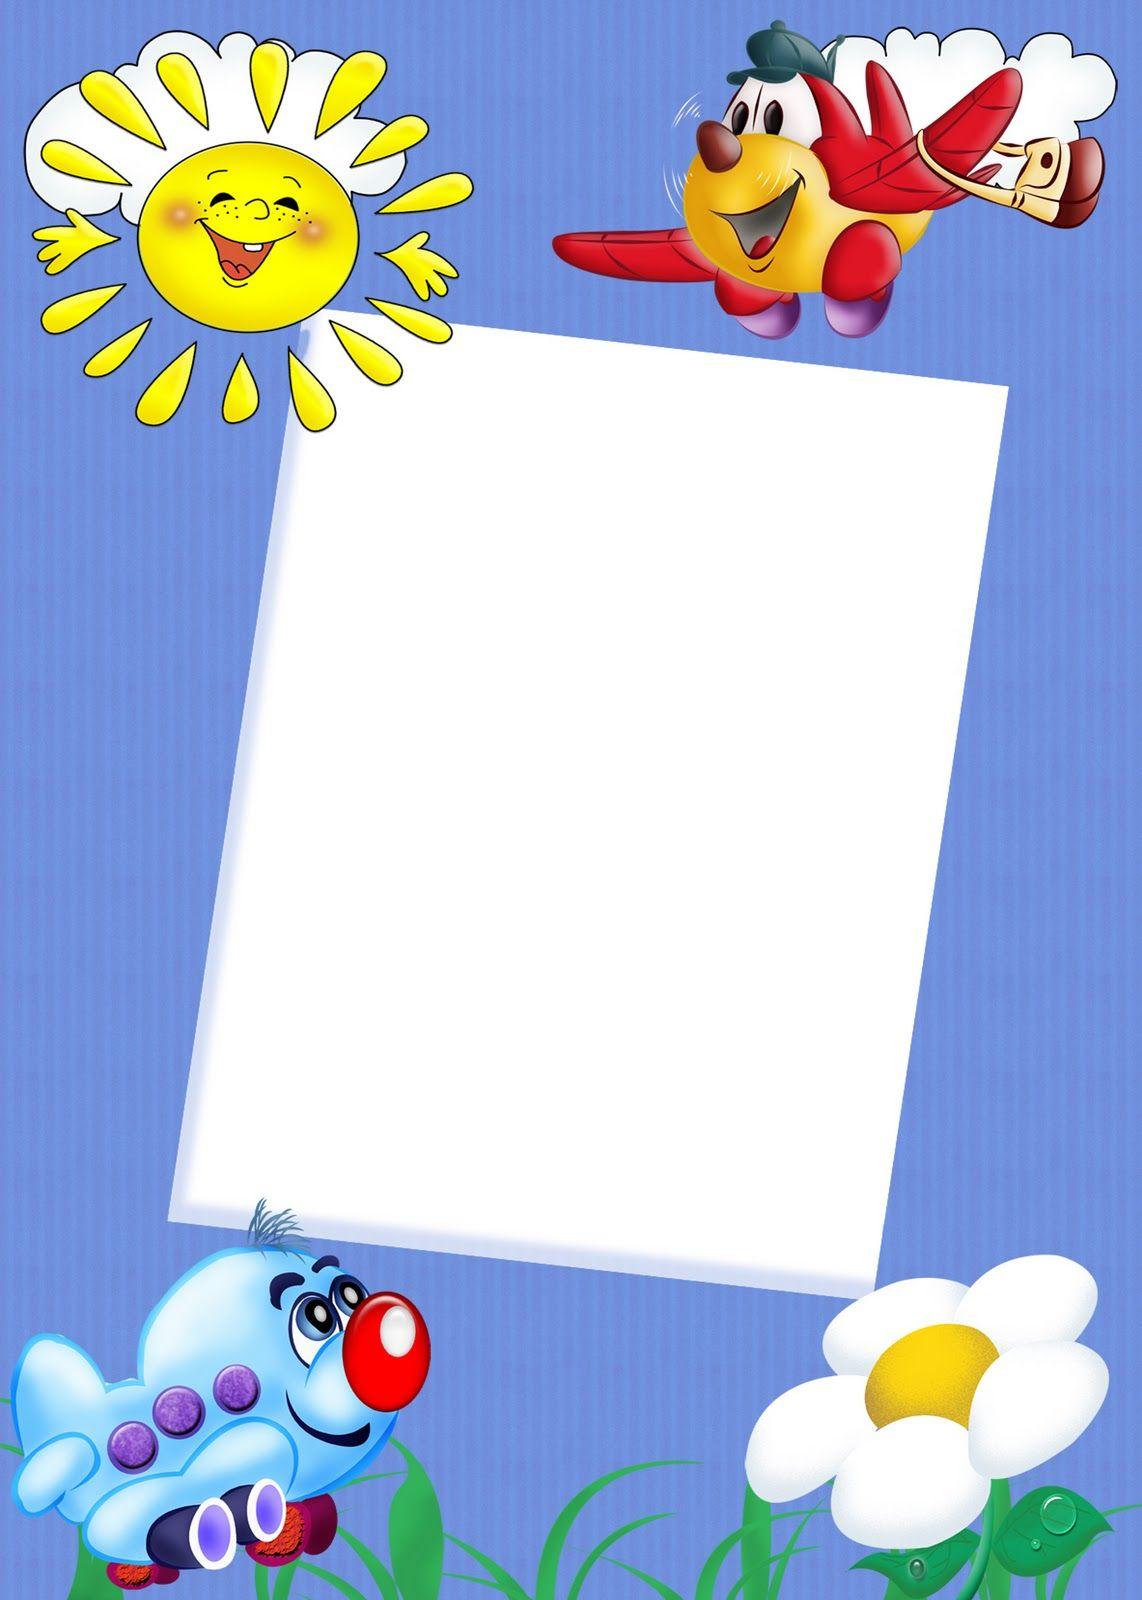 Molduras para fotos molduras para fotos infantil for Adornar fotos gratis